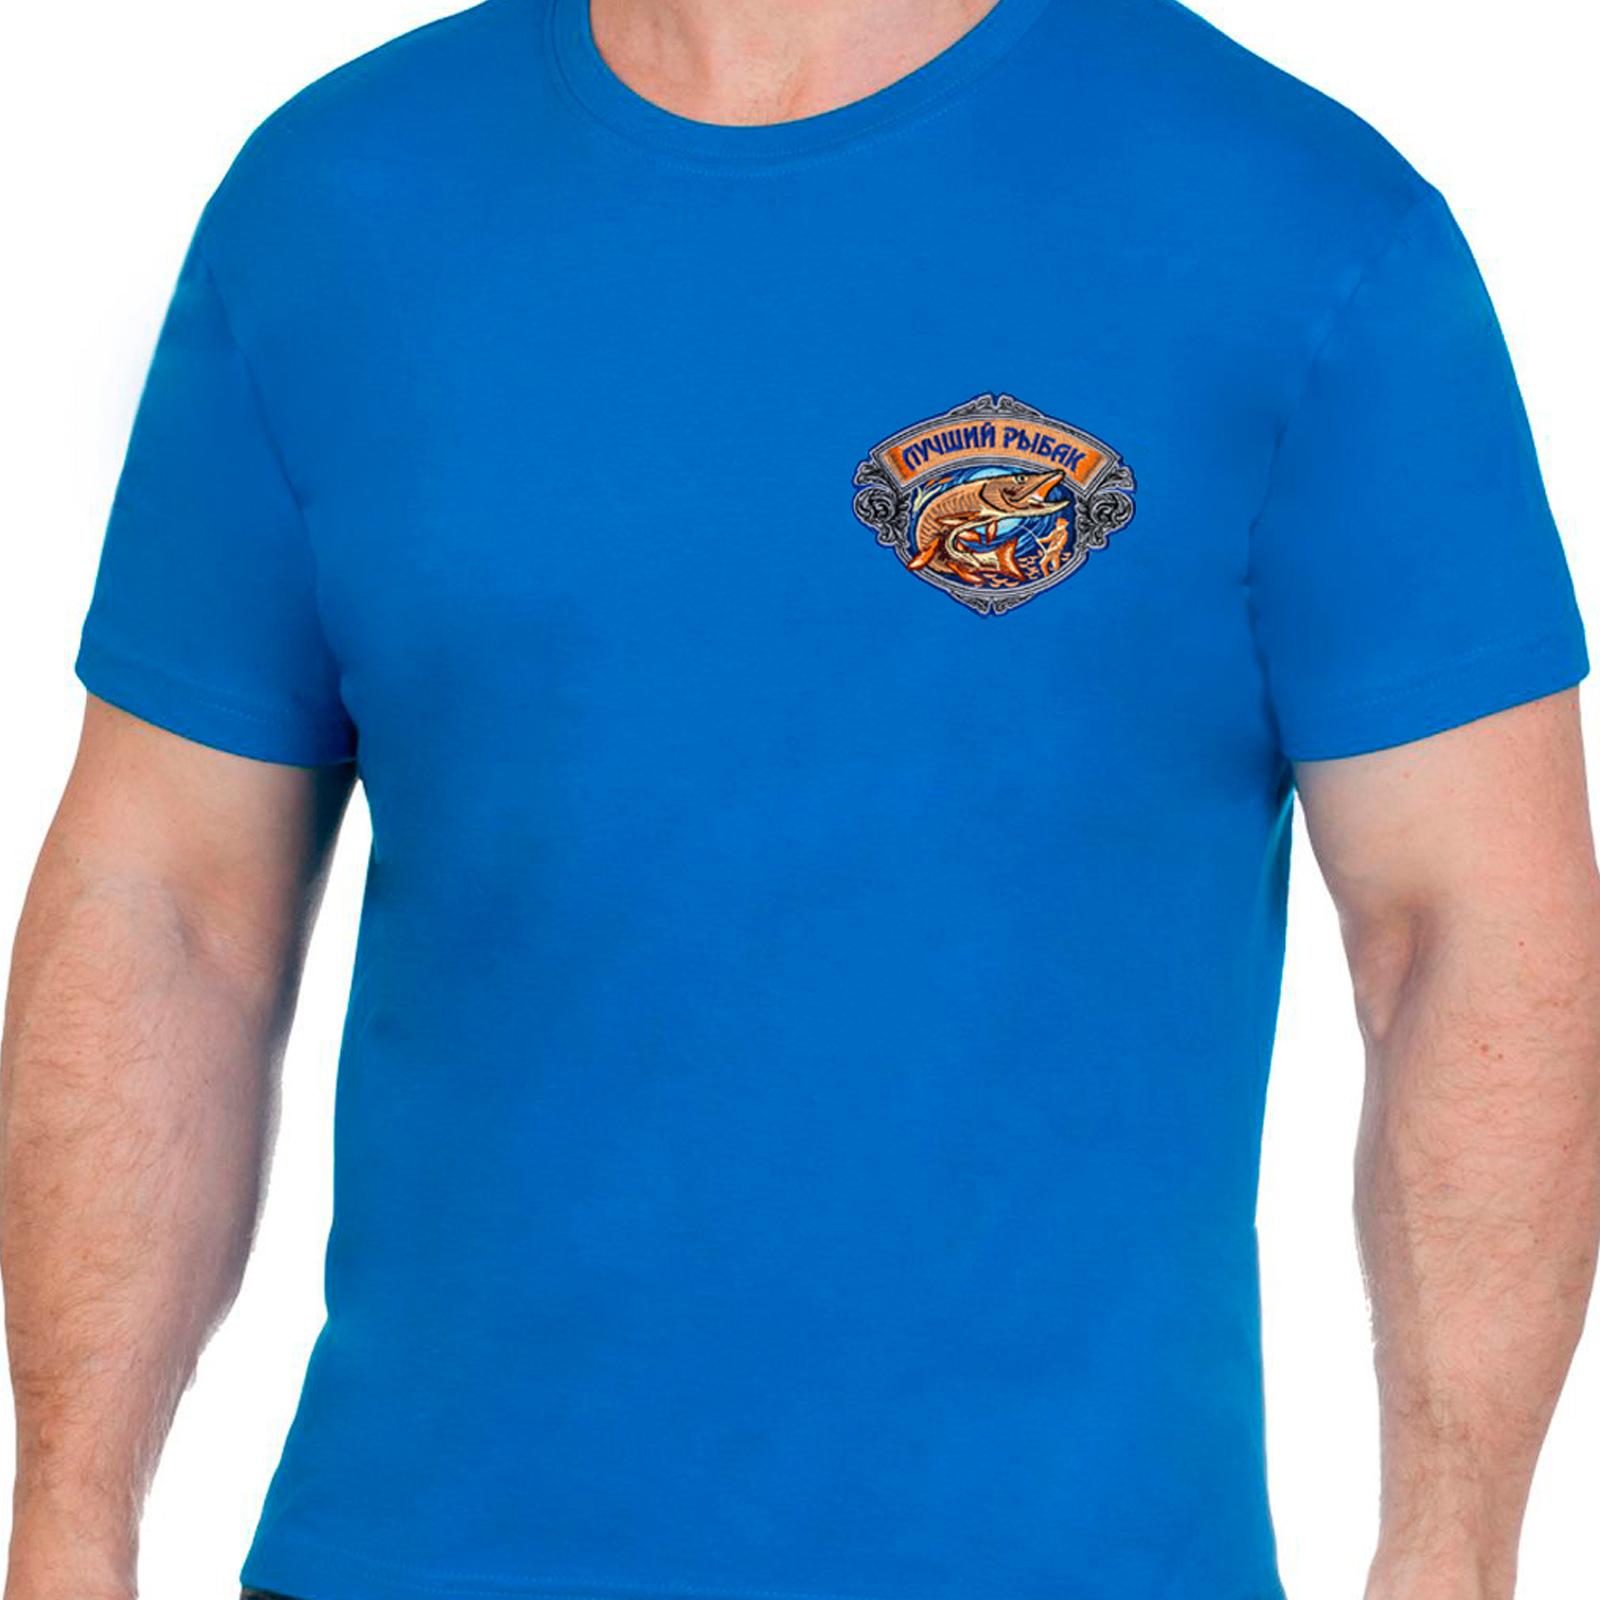 Крутая мужская футболка Лучший Рыбак